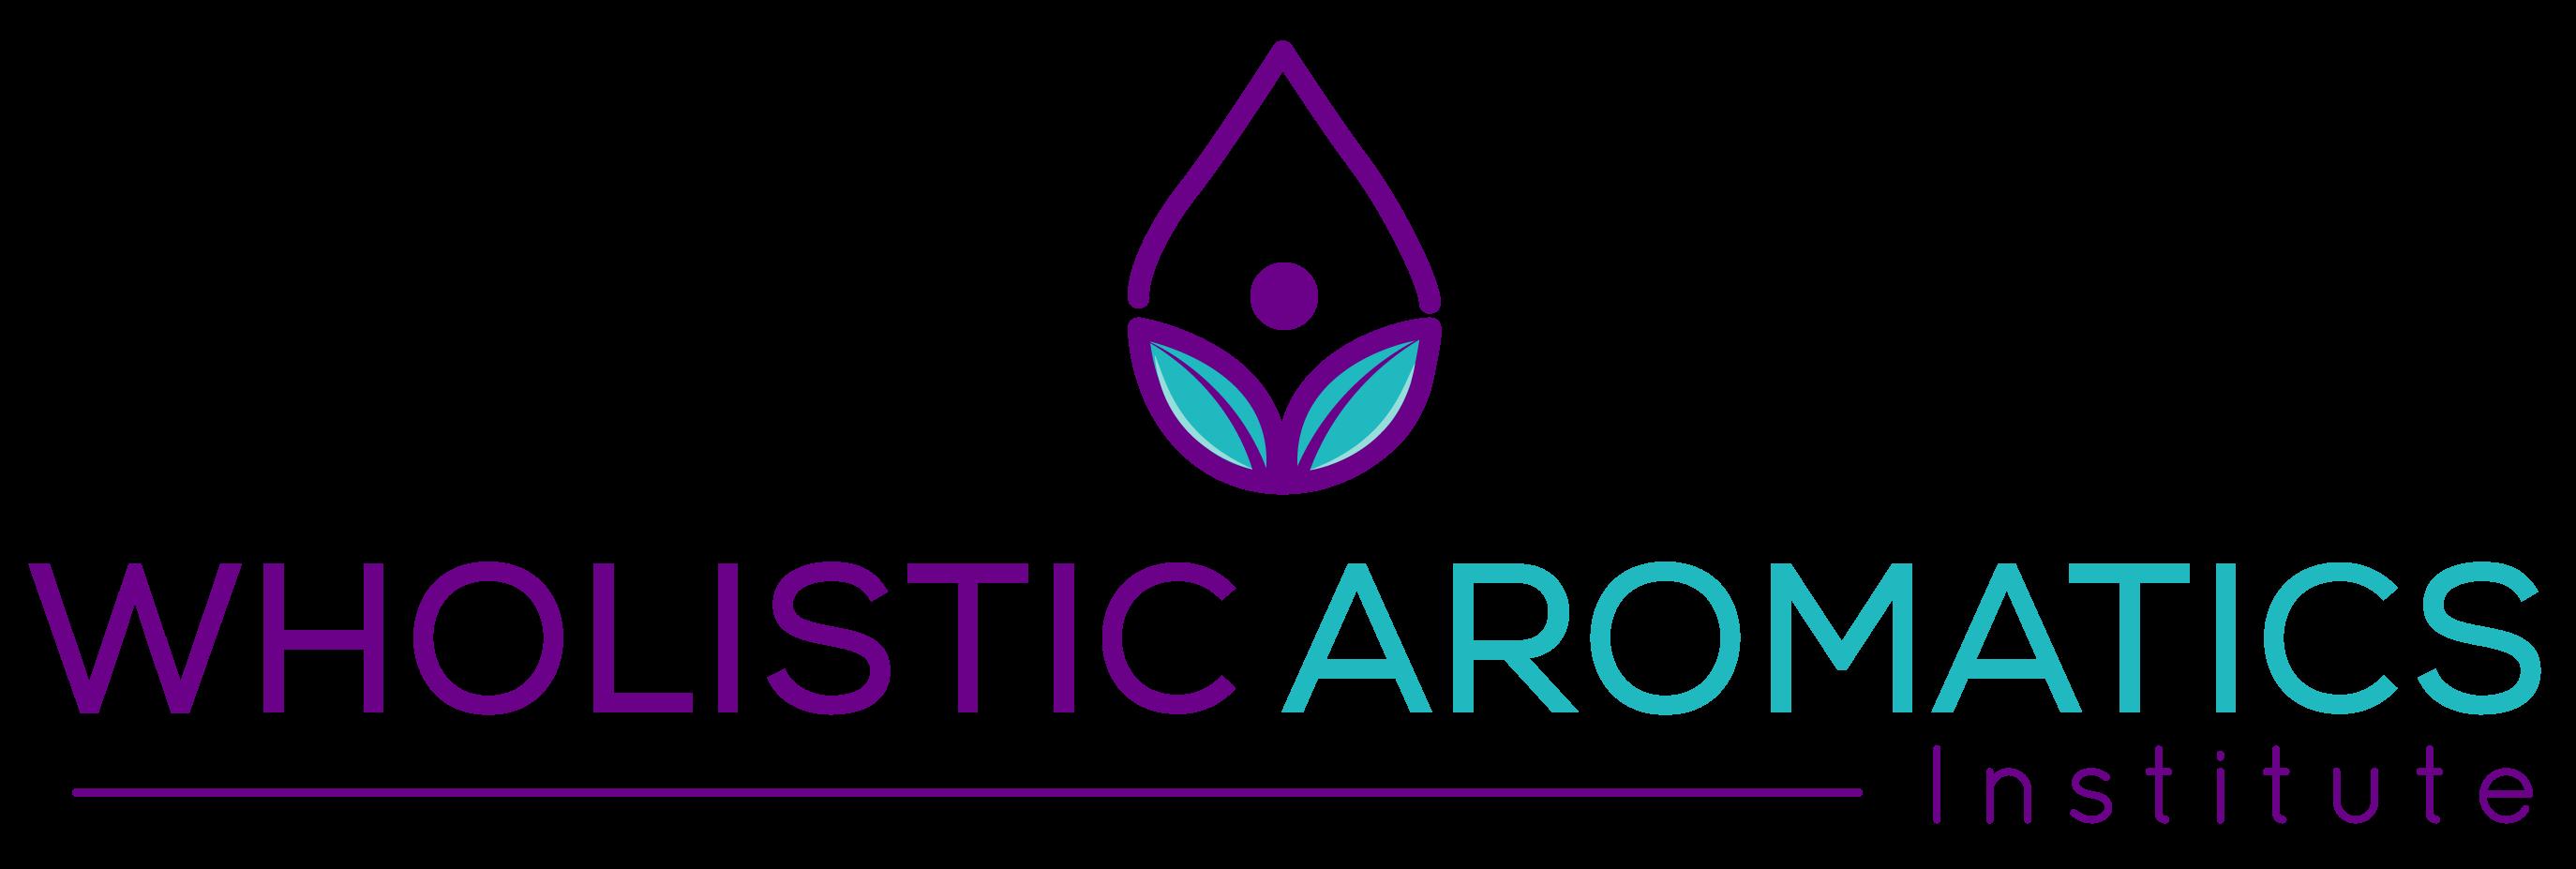 Wholistic Aromatics Institute